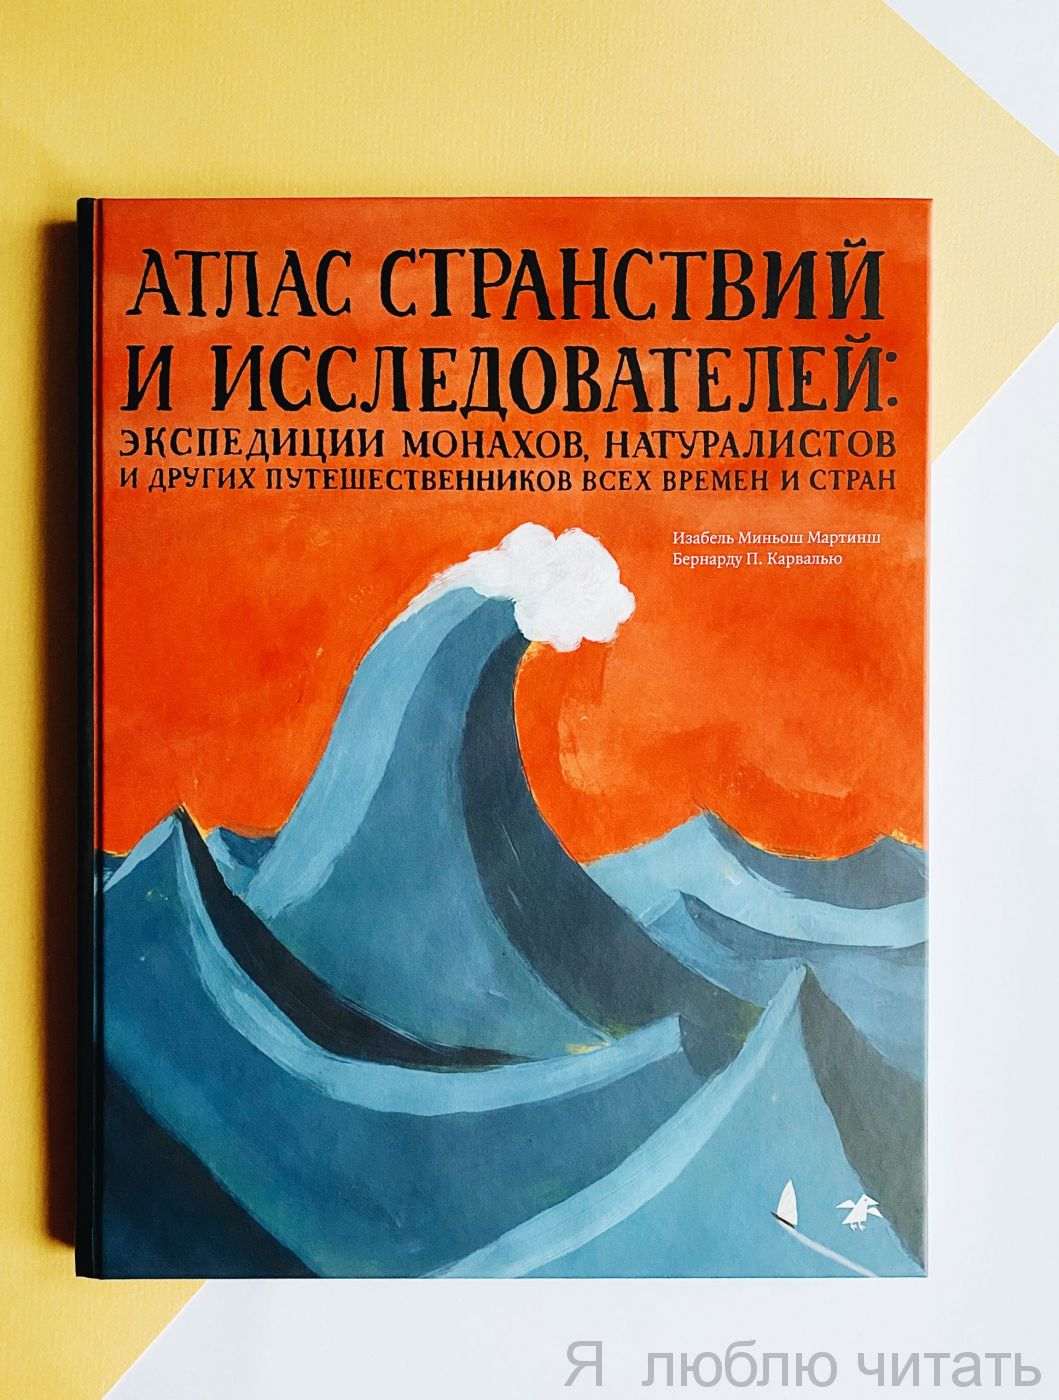 Атлас странствий и исследователей: экспедиции монахов, натуралистов и других путешественников